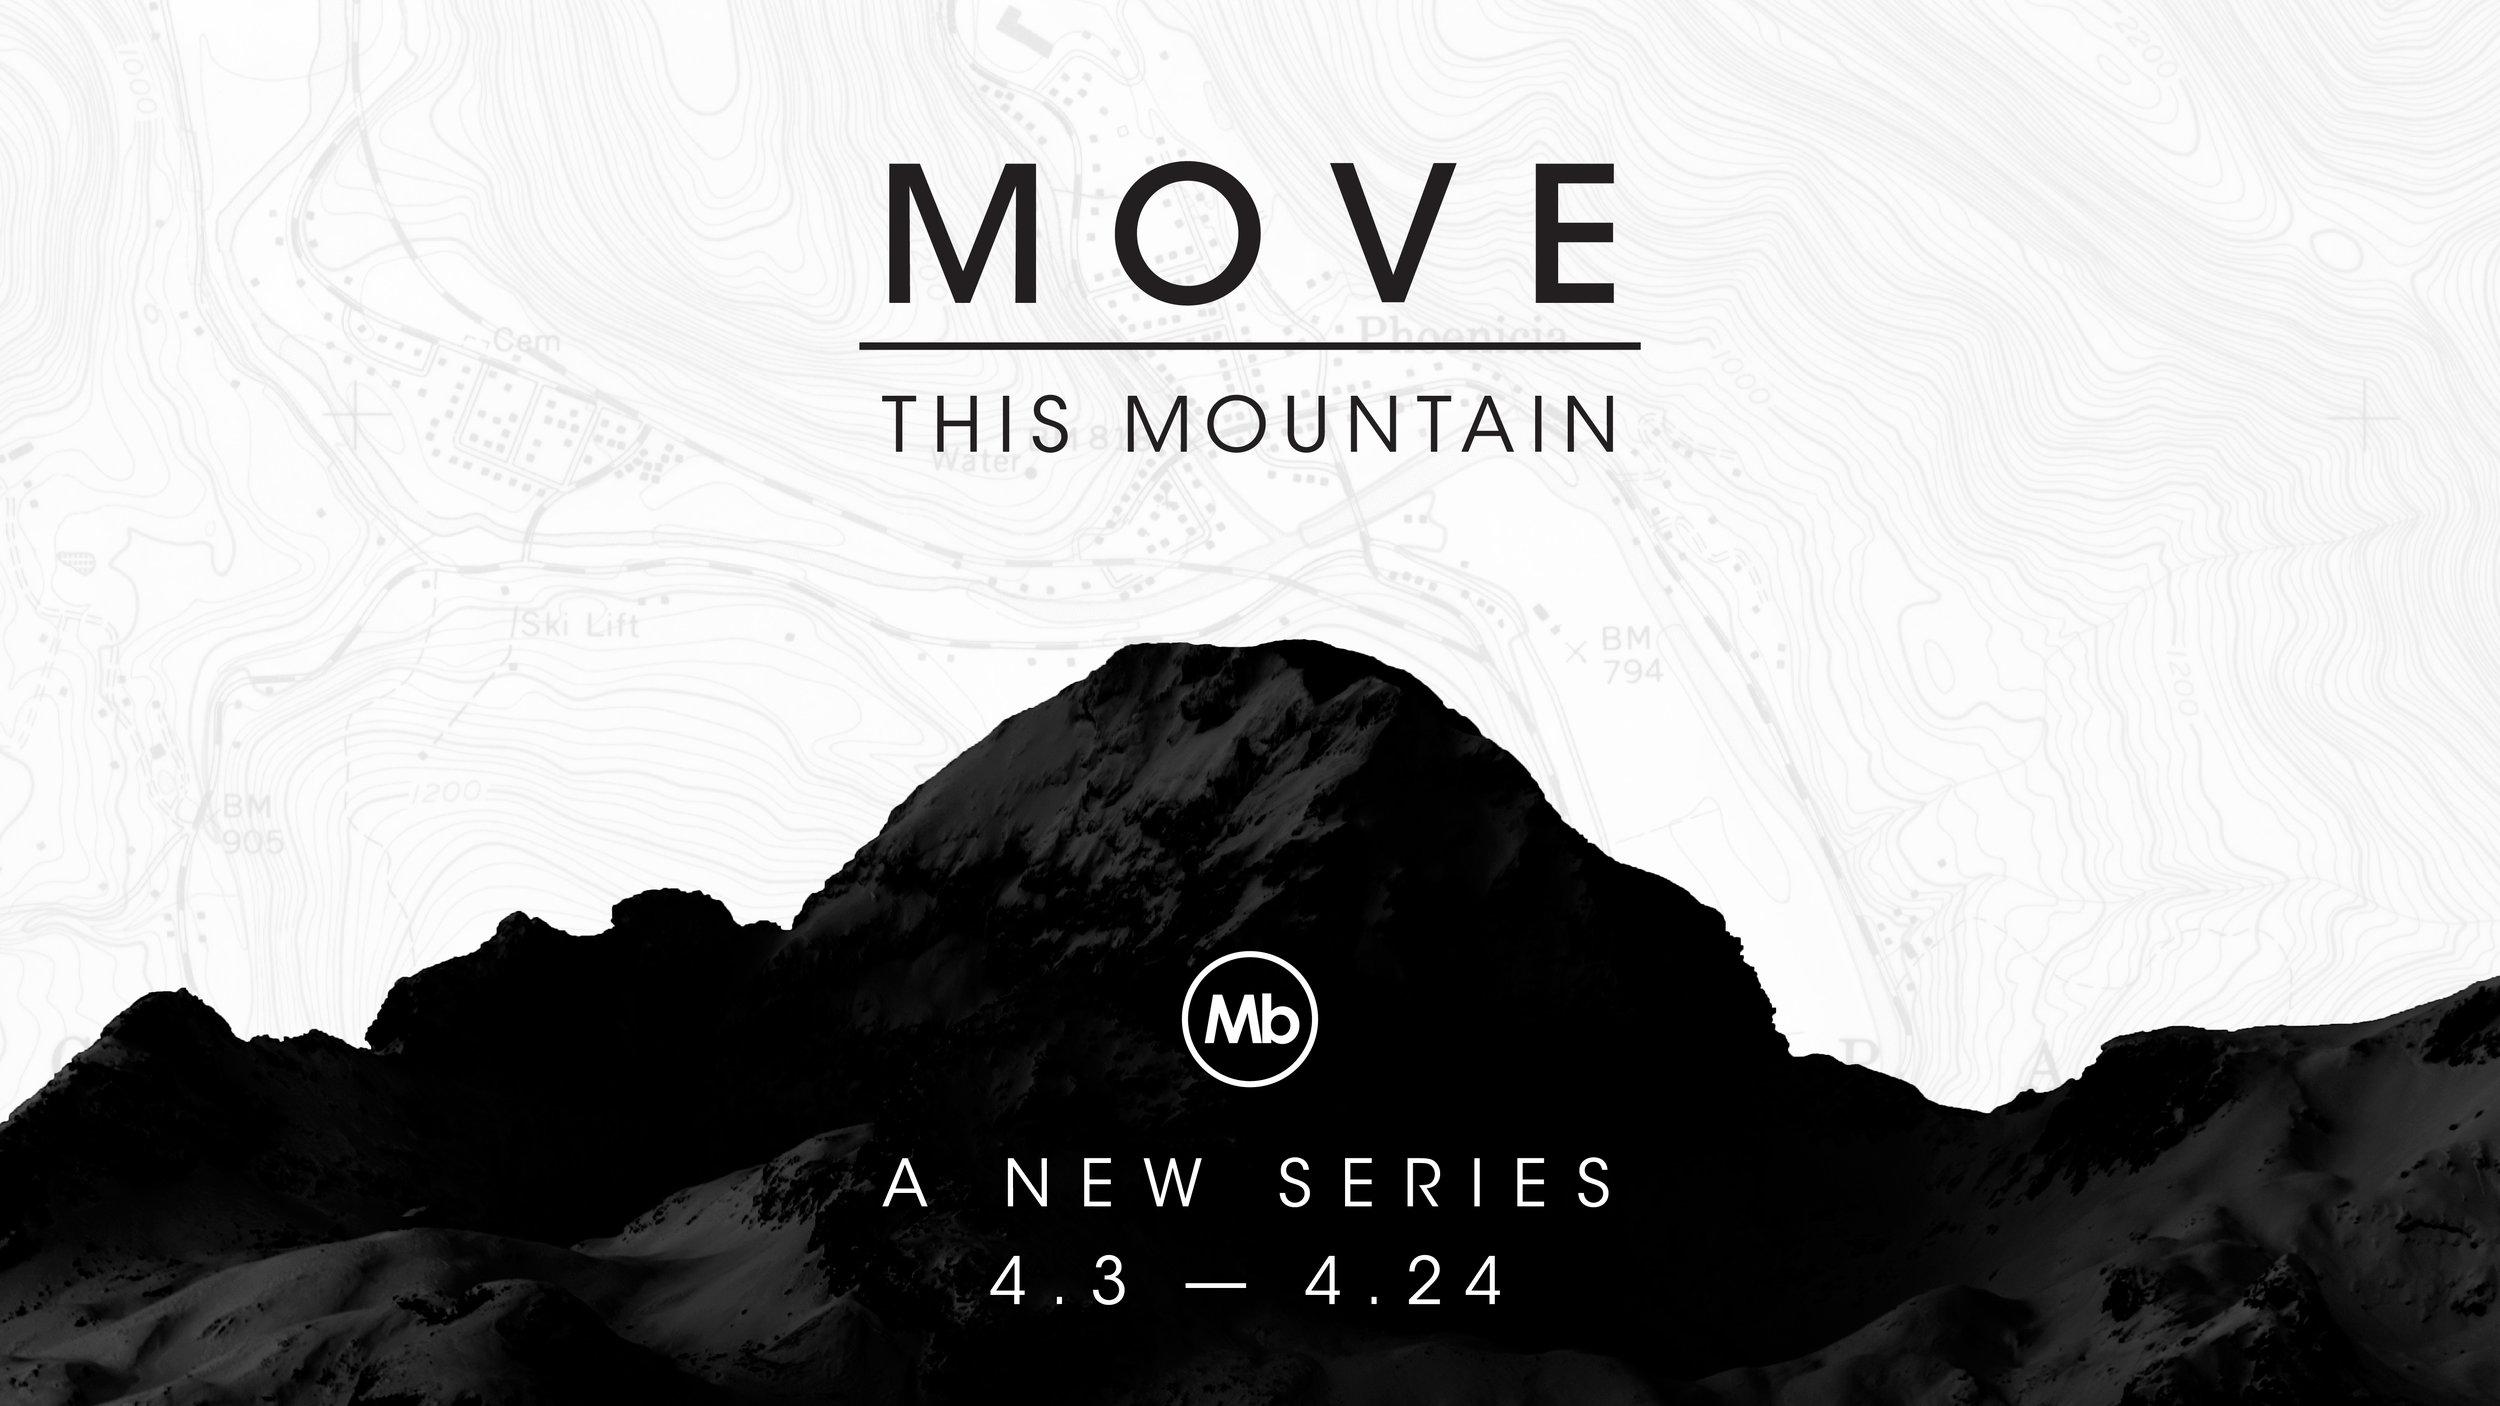 MoveThisMountain_SLIDE-01.jpg